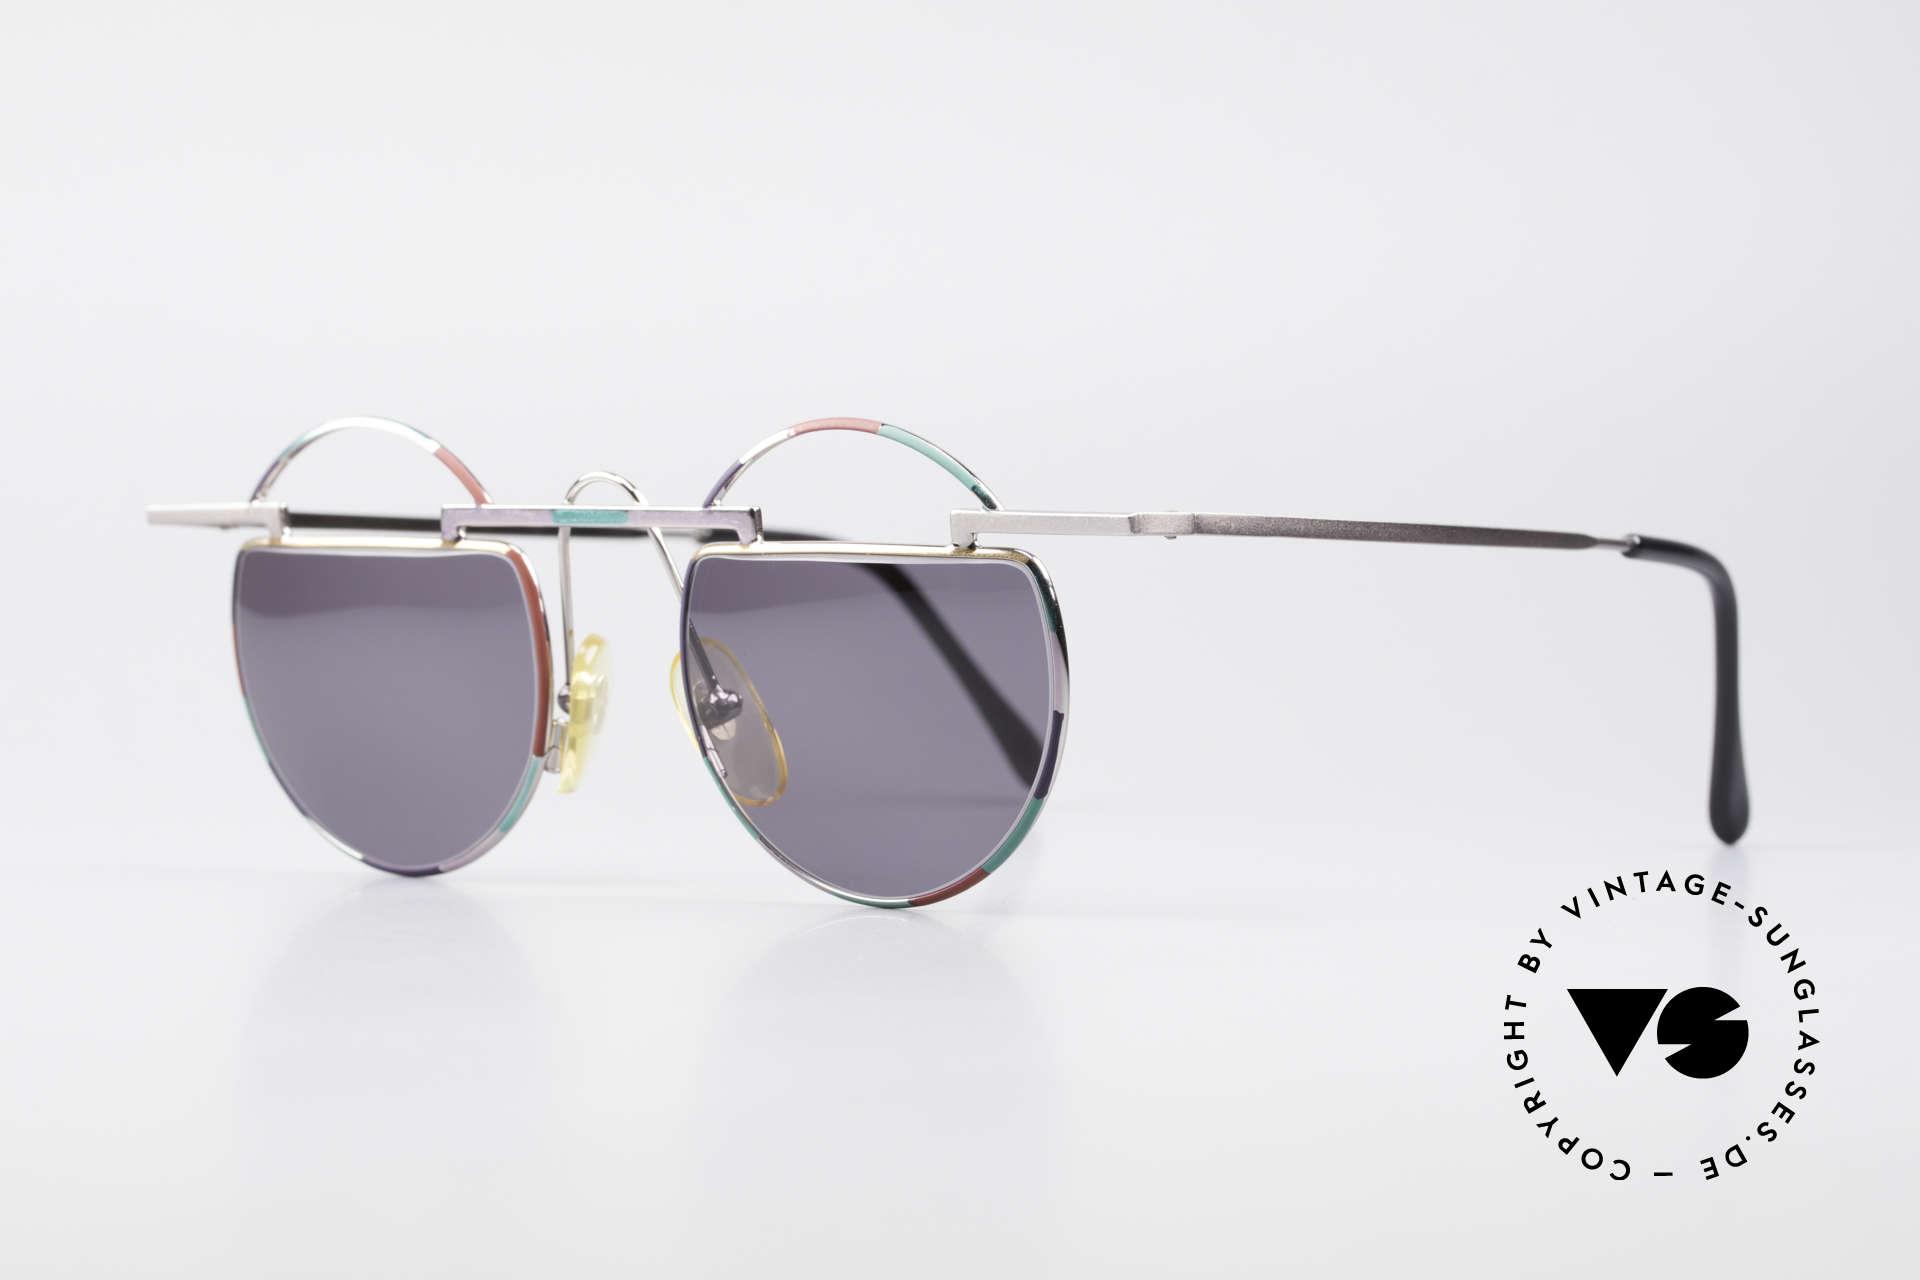 Taxi 221 by Casanova Vintage Kunst Sonnenbrille, verkörpert die Ausgelassenheit des venez. Karnevals, Passend für Damen